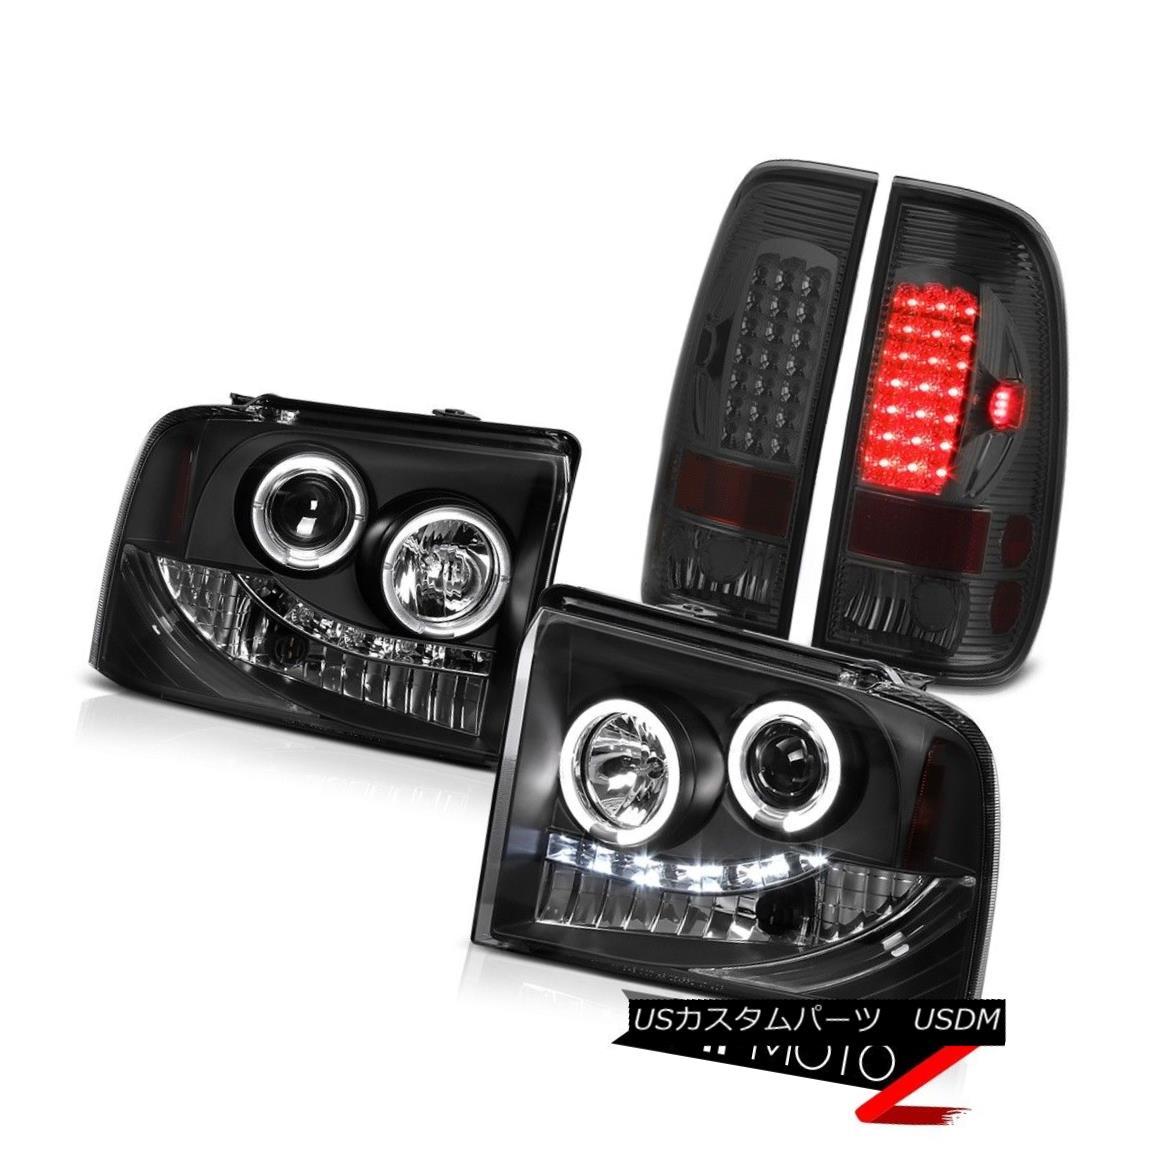 ヘッドライト 2X Angel Eye DRL Projector Headlight Smoke Tail Light LED Ford F250 XL 2005-2007 2XエンジェルアイDRLプロジェクターヘッドライト煙テールライトLED Ford F250 XL 2005-2007